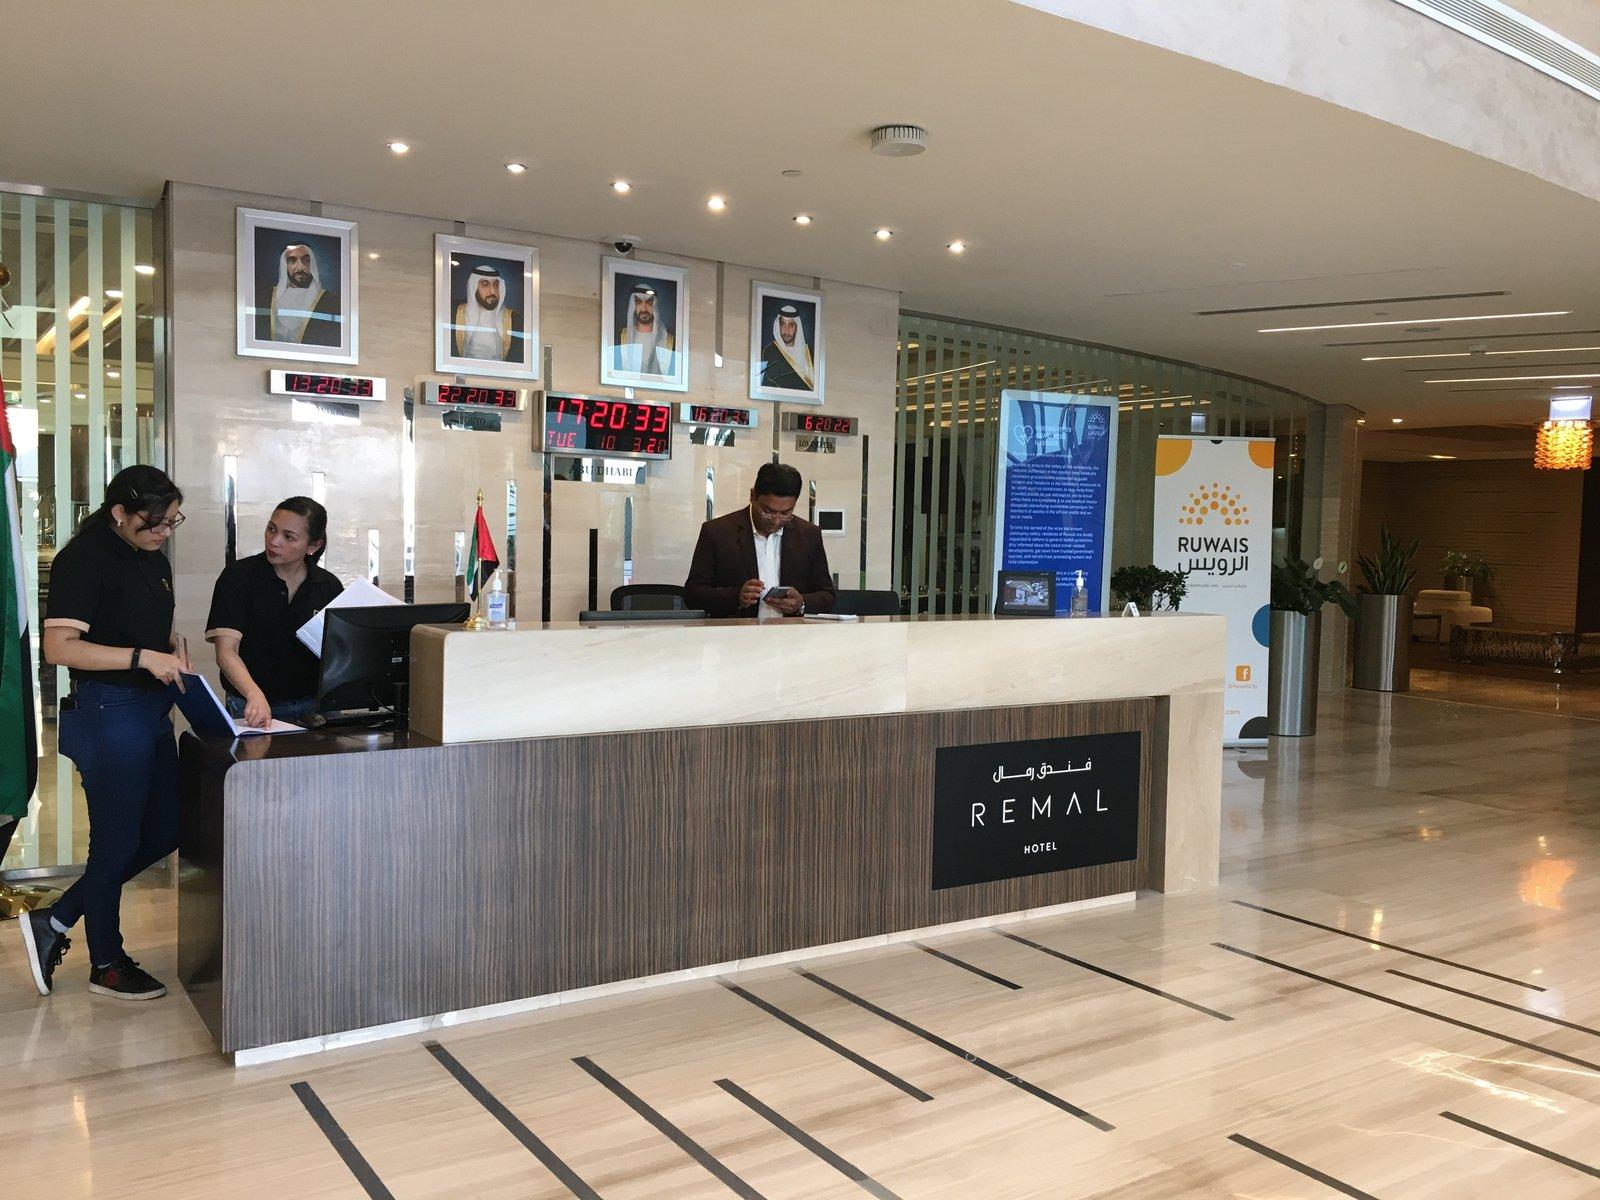 Hotel REMAL